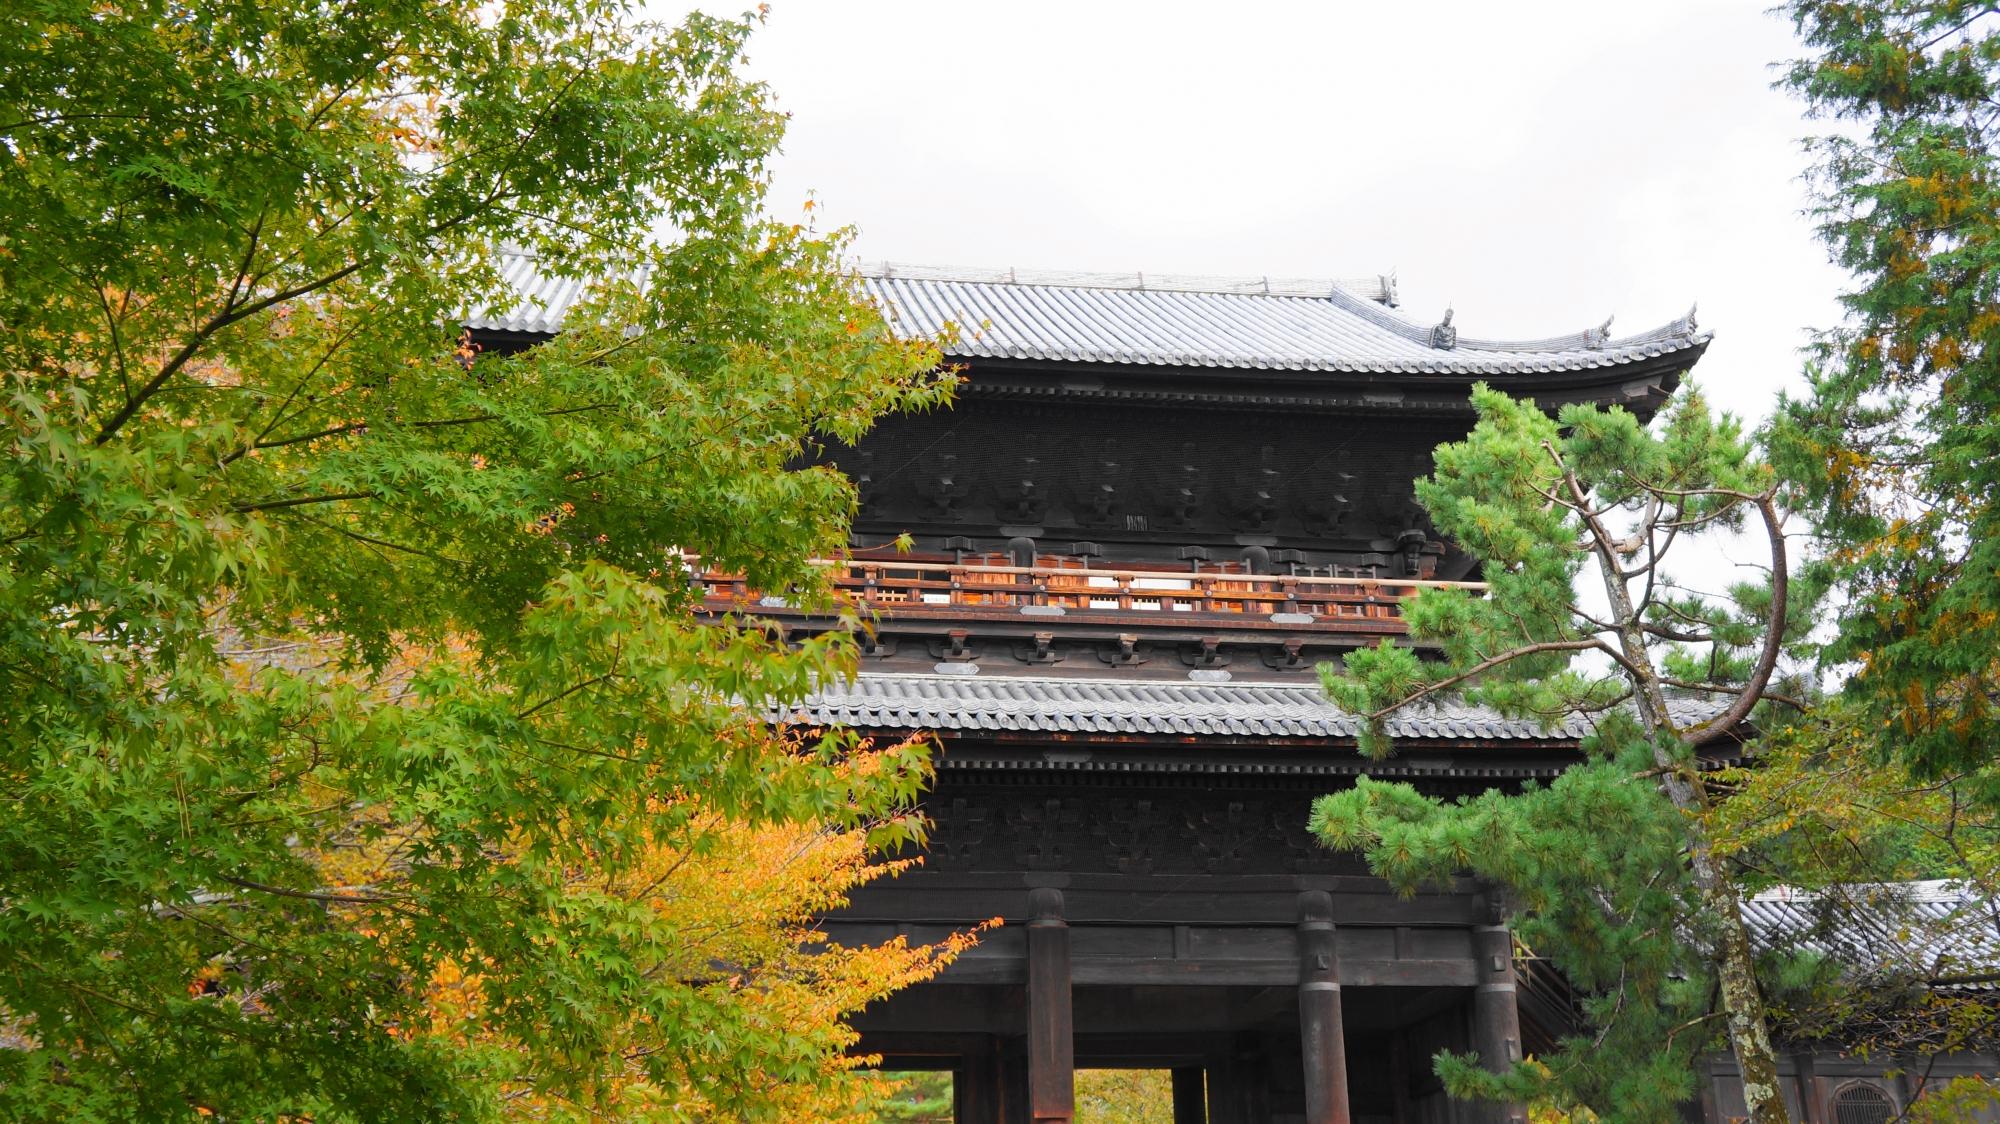 南禅寺の巨大な三門と綺麗な青もみじ